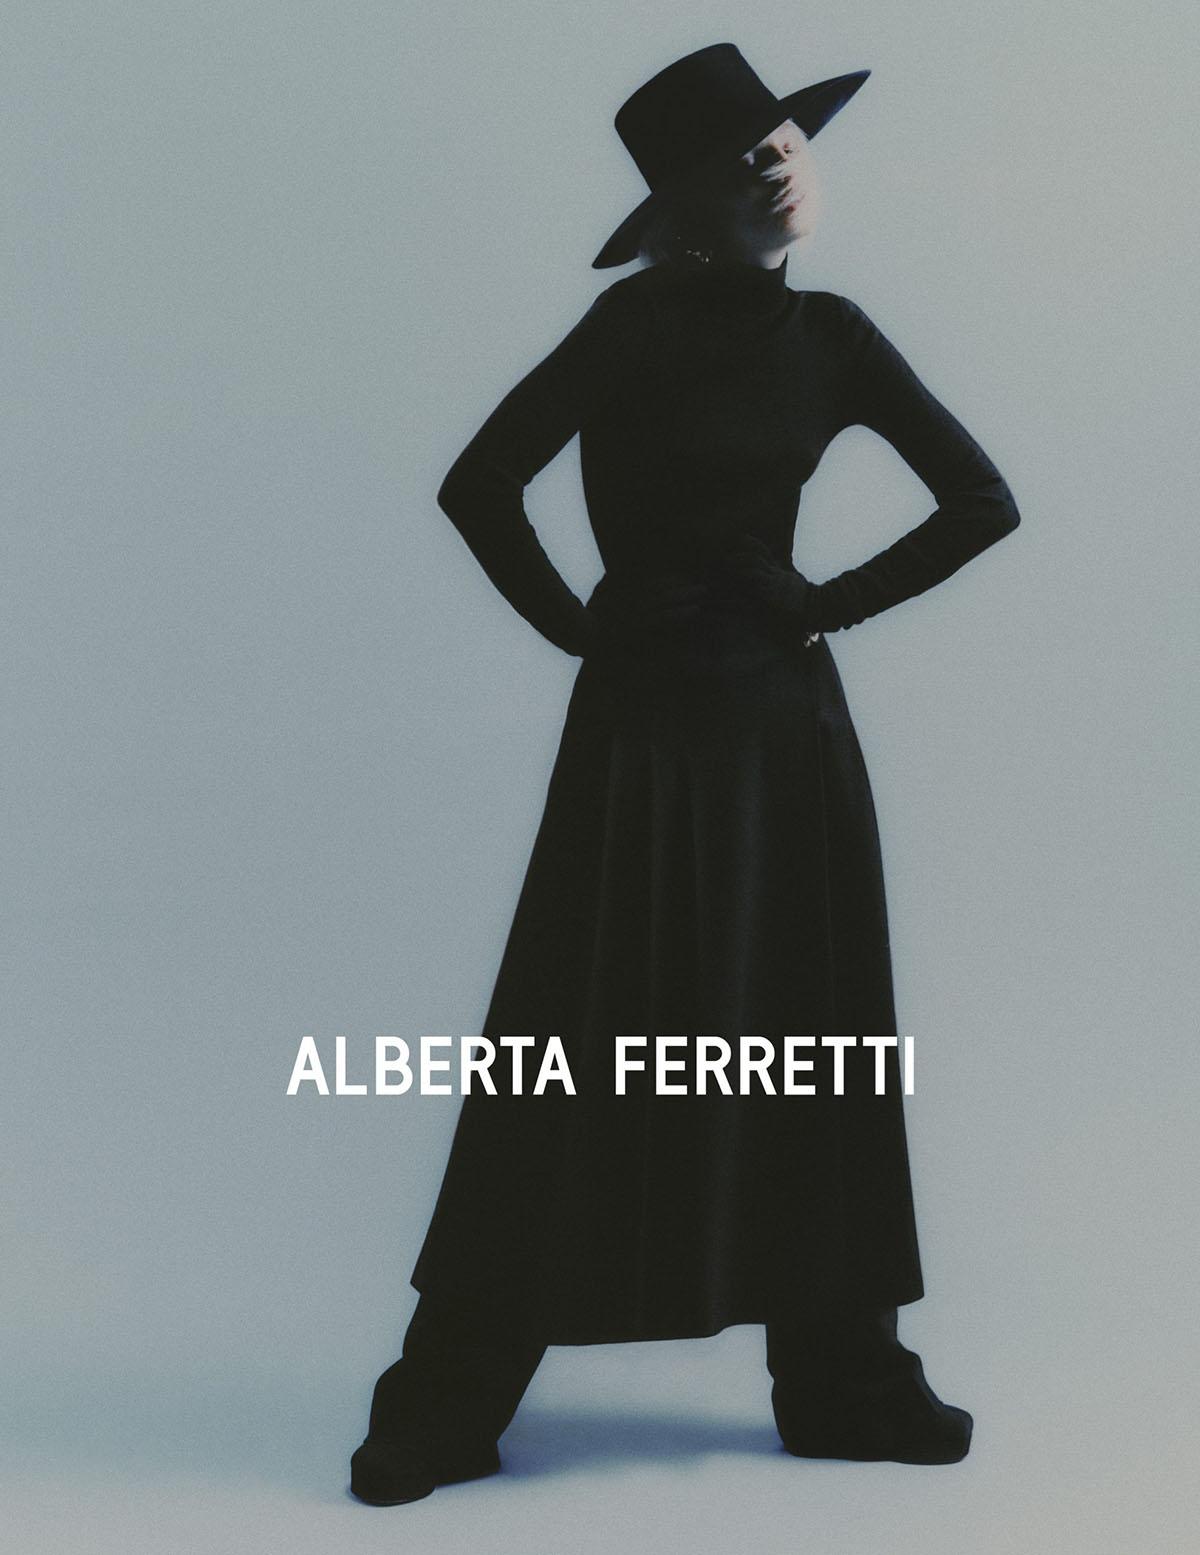 Alberta Ferretti Fall Winter 2021 Campaign